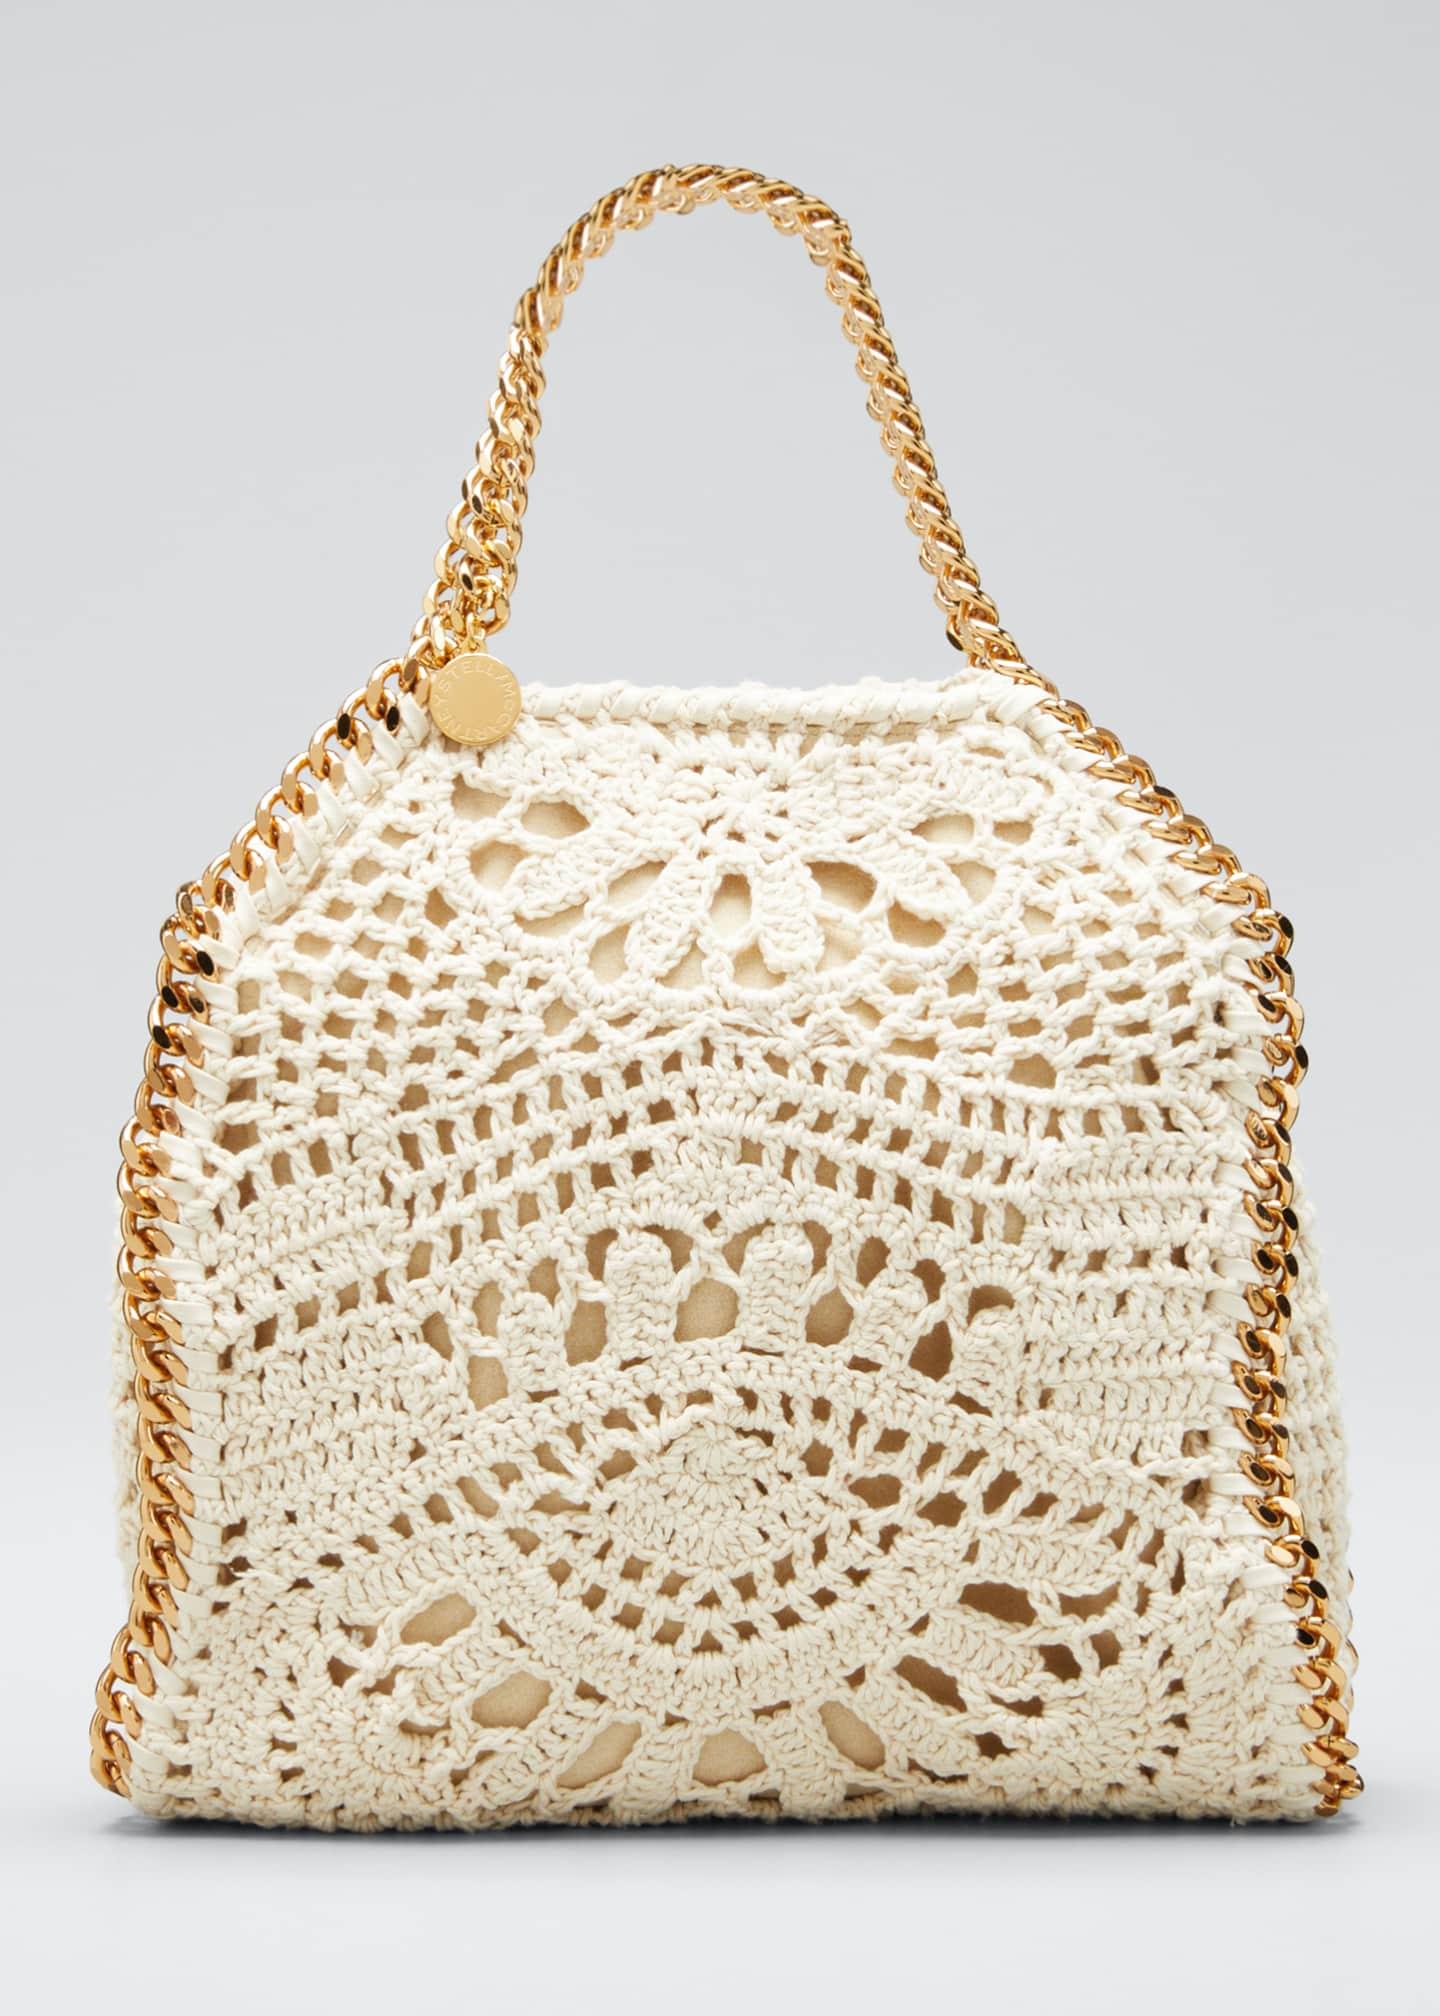 Stella McCartney Falabella Small Crocheted Cotton Ajouree Tote